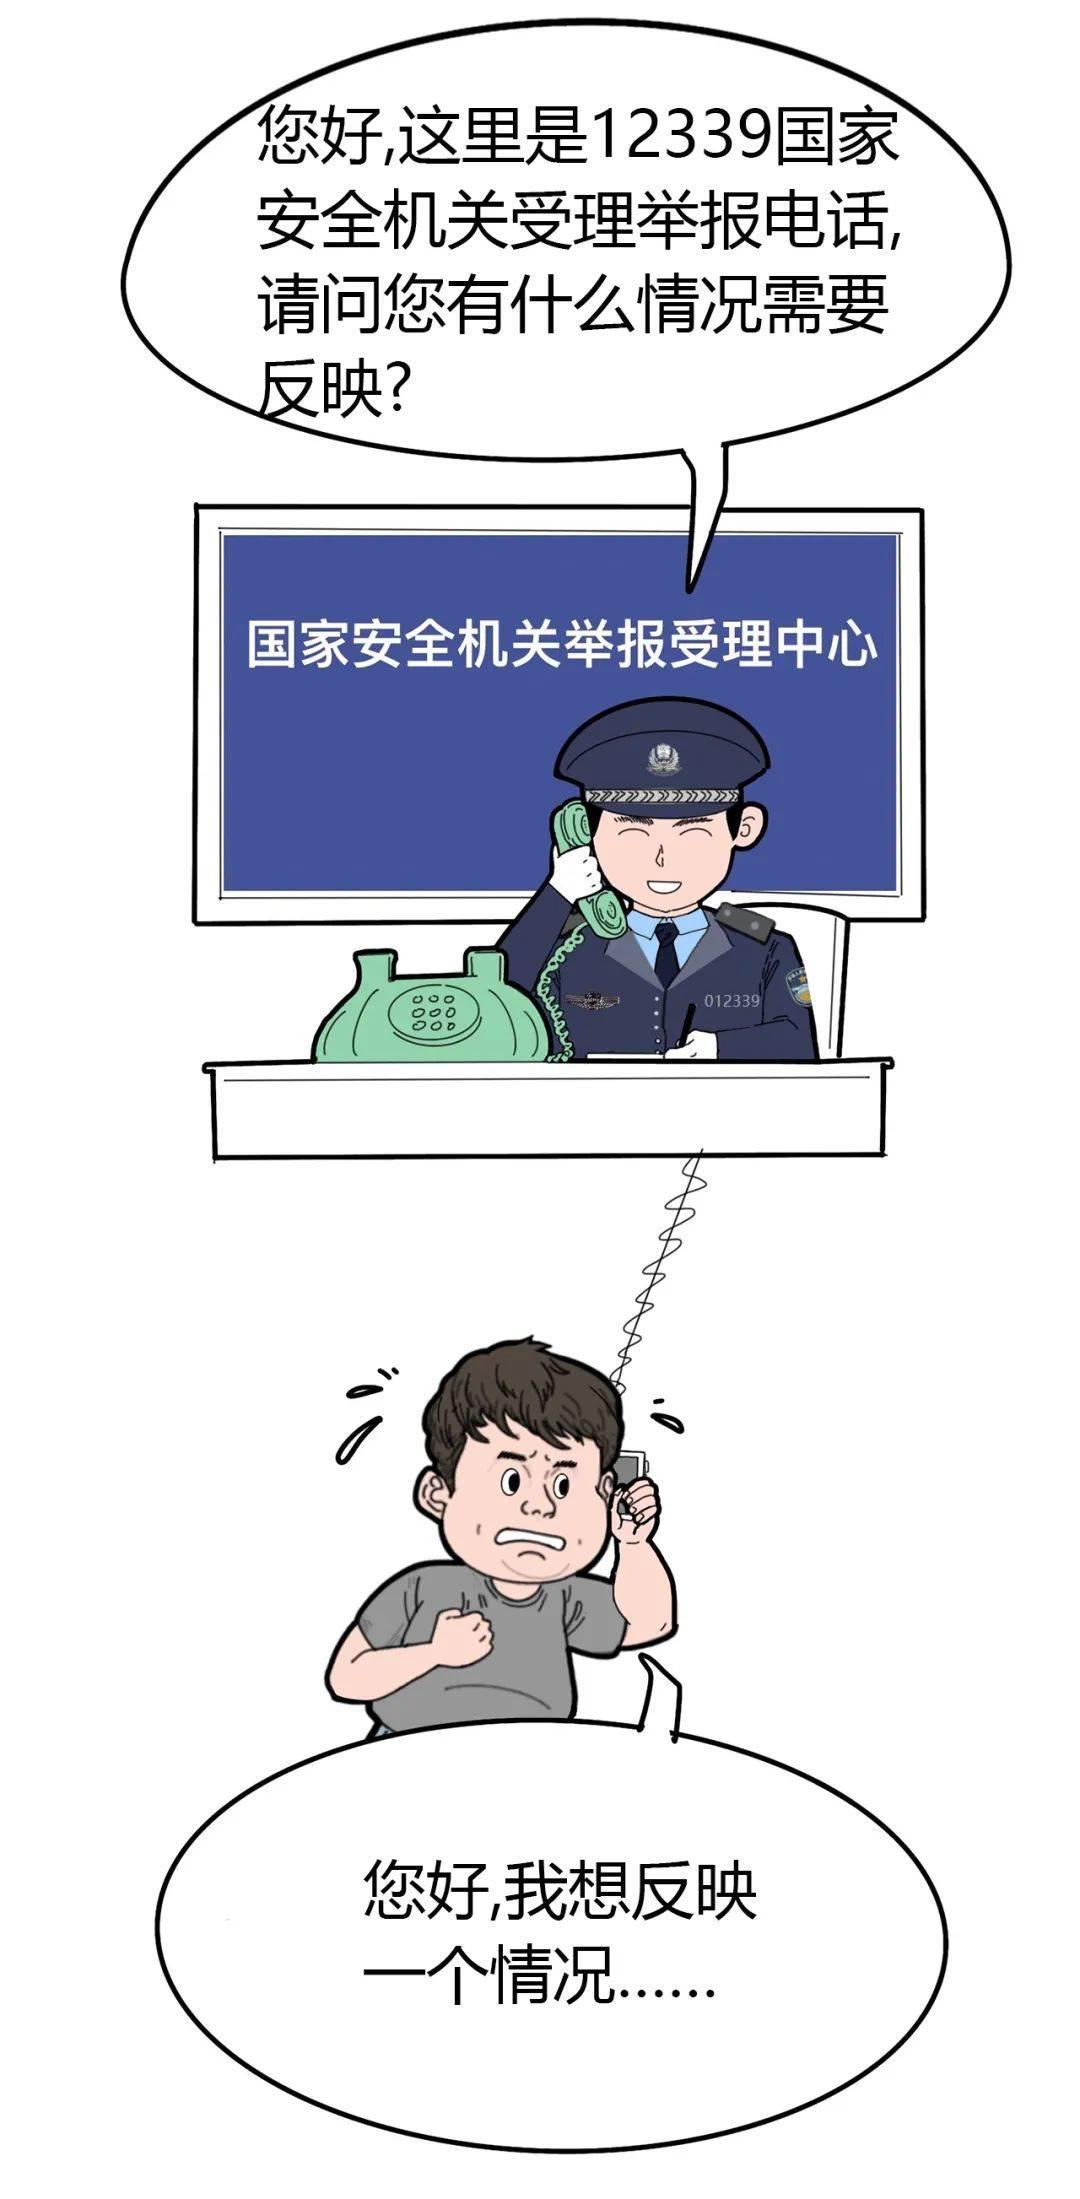 国安警察的一天